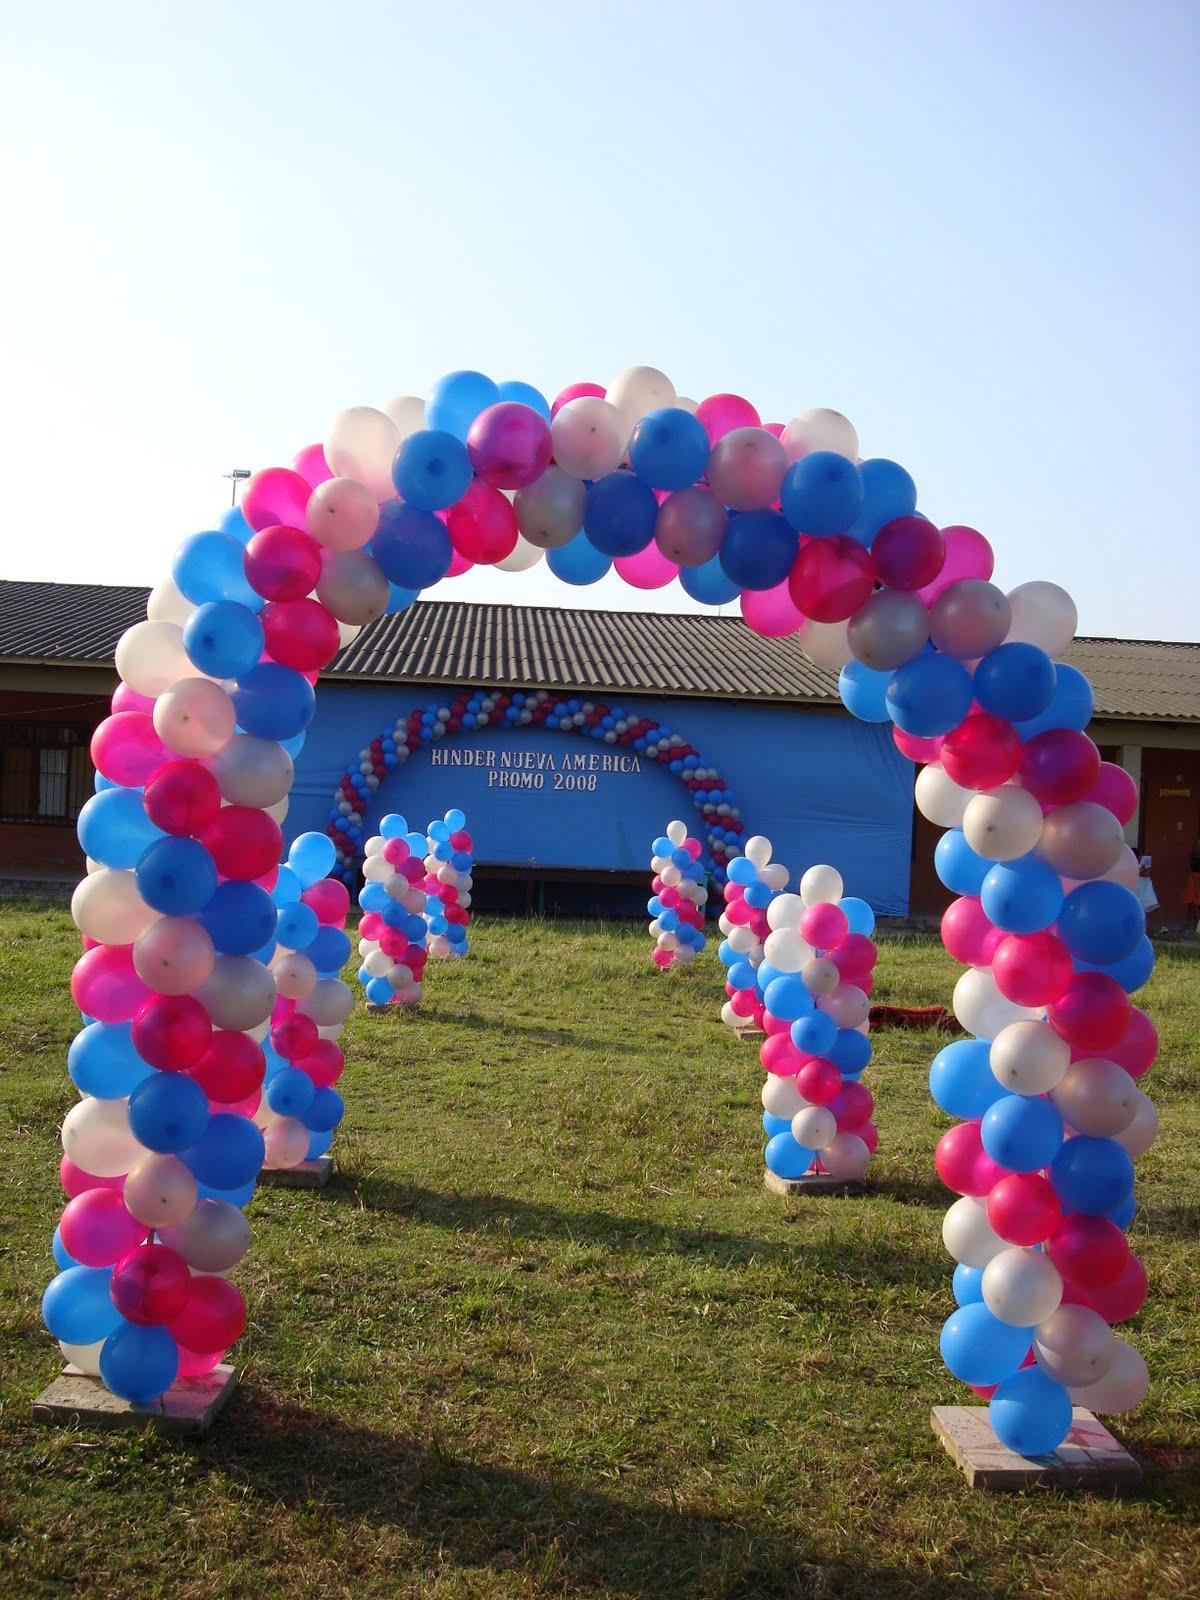 Fondos de globos decoraciones con para fiestas infantiles - Decoraciones con globos ...